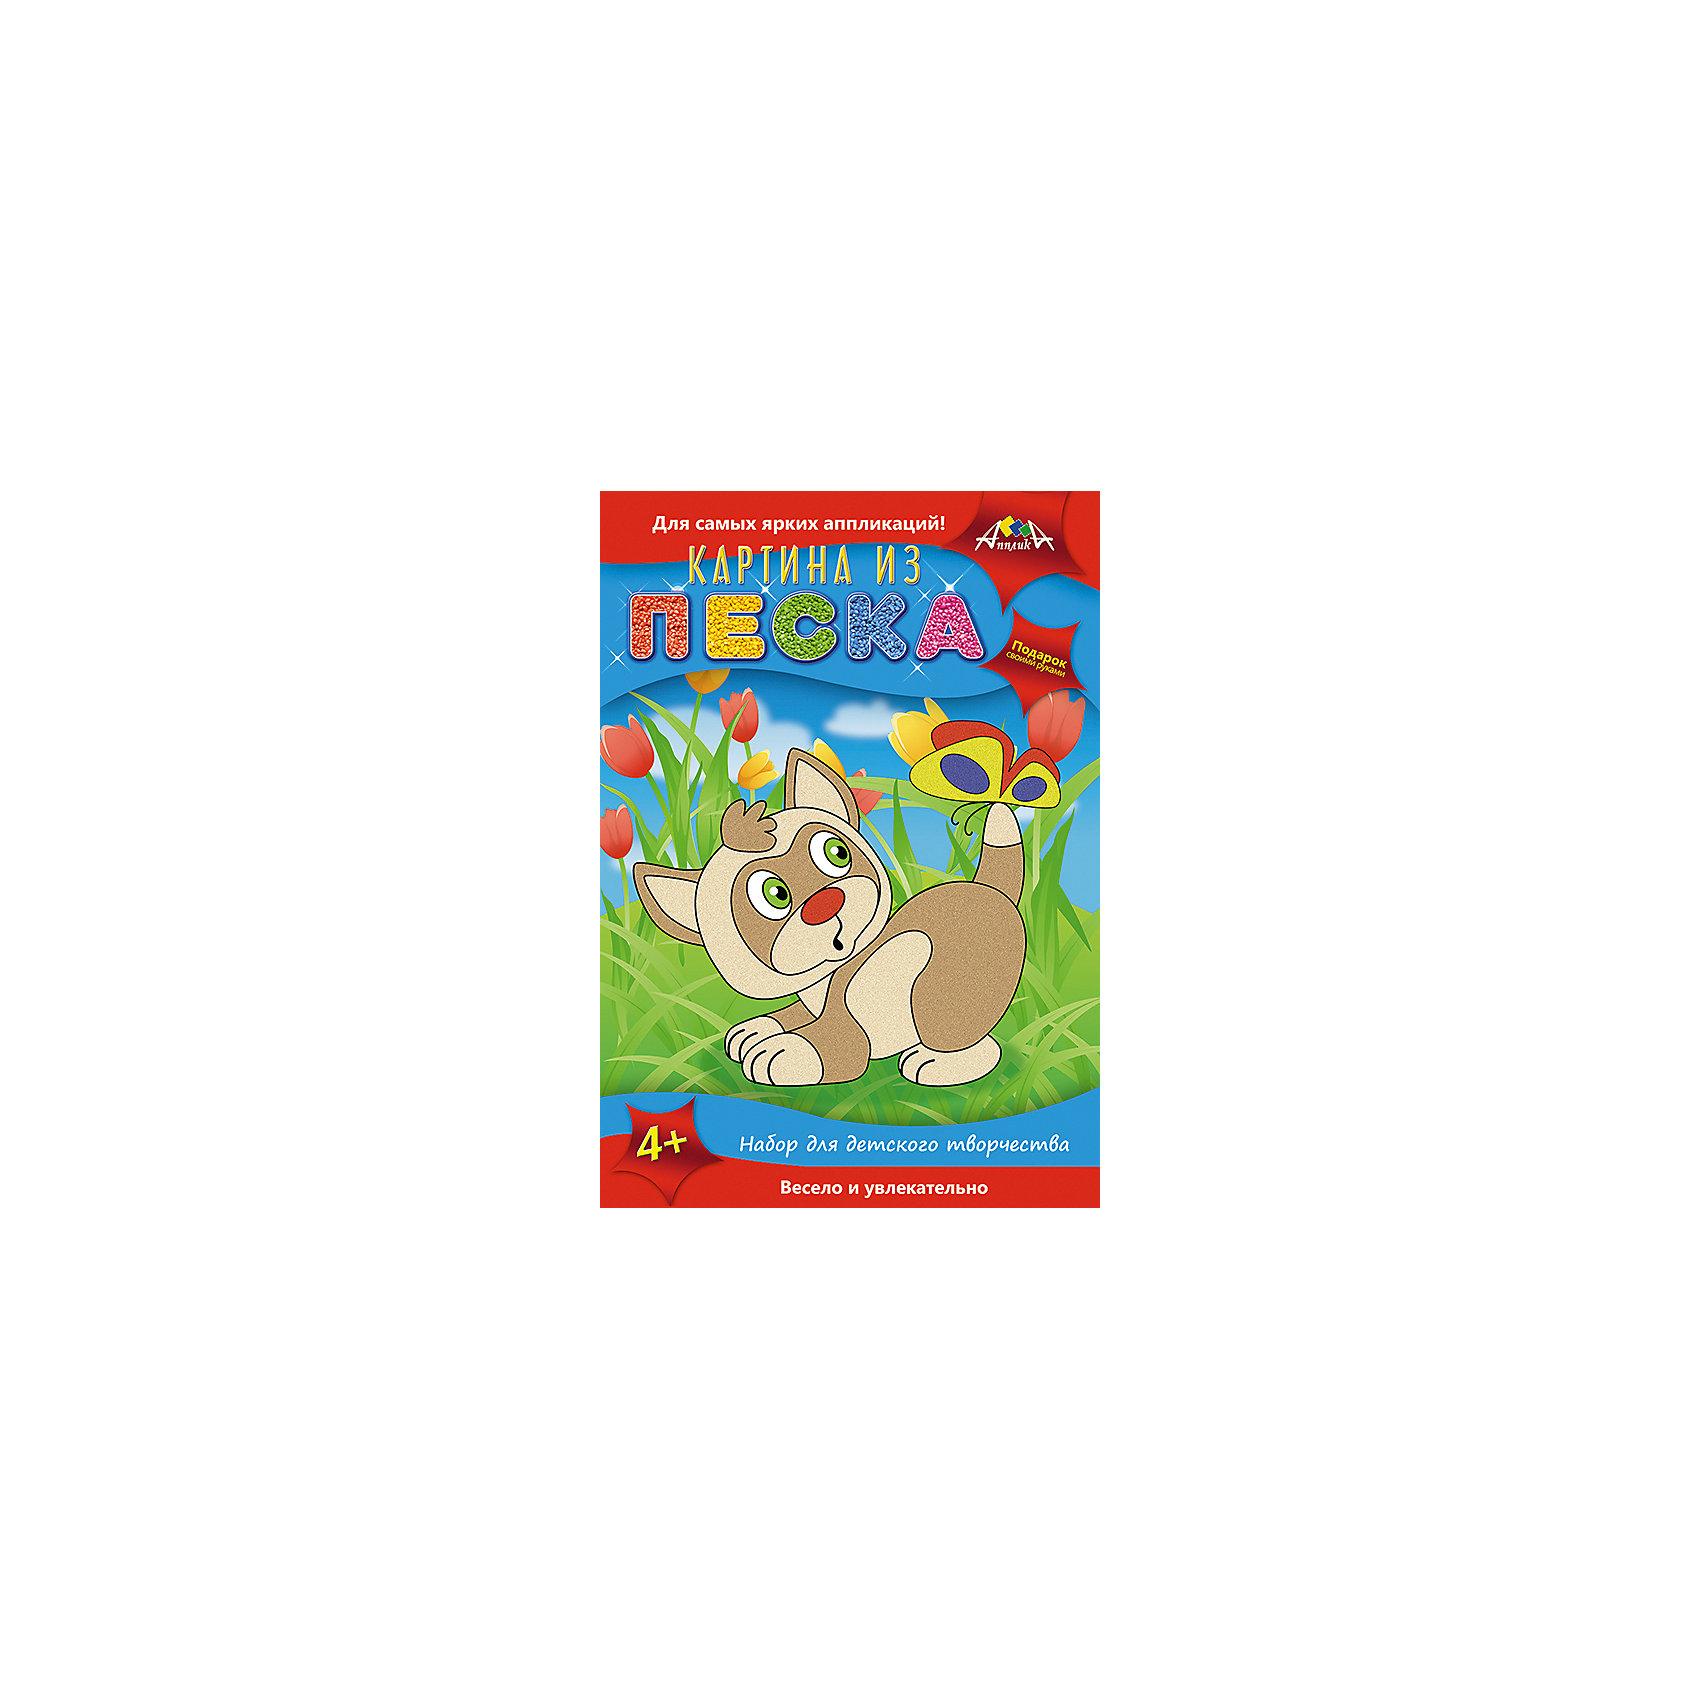 Набор для дет.тв-ва. Картины из необычных материалов: Колибри,Котенок ОдуванчикКартины из песка<br>Характеристики:<br><br>• возраст: от 5 лет<br>• комплектация: «Картина из пайеток», «Картина из песка», «Открытка Цветочная поляна Одуванчик»<br>• в наборе «Картина из пайеток»: цветная картонная основа, цветные пайетки, глазки, стразы, декоративная рамка, клей ПВА<br>• в наборе «Картина из песка»: цветная самоклеящаяся основа, цветной песок, глазки, декоративная рамка<br>• в наборе «Открытка Цветочная поляна Одуванчик»: картон (2 листа), разноцветная тонированная бумага, рамка из цветного картона с тиснением золотом<br>• размер упаковки: 32х21,5х4,7 см.<br>• вес: 300 гр.<br><br>Набор для творчества позволит ребенку создать своими руками картину из пайеток с изображением колибри, картину из песка с изображением забавного котенка и открытку с изображением одуванчика.<br><br>Чтобы создать картину из пайеток, приклейте разноцветные пайетки на цветную картонную основу.<br><br>Чтобы создать картину из песка, достаточно аккуратно по схеме отклеивать фрагменты и насыпать цветной песок на самоклеящуюся основу. Сначала засыпьте песок на все фрагменты одного цвета, равномерно распределяя и слегка придавливая его пальцами, потом переходите к следующему. Используйте стразы и глазки для декорирования. По контуру рисунка приклейте рамку.<br><br>Чтобы сделать открытку, вырежьте в картоне круглое отверстие для бутона, сделайте цветок из тонированной бумаги и соедините эти элементы. По контуру рисунка приклейте рамку.<br><br>Яркие солнечные картины, сделанные своими руками, станут отличным подарком.<br><br>Создание картин из необычных материалов развивает аккуратность, мелкую моторику, усидчивость.<br><br>Набор для дет.тв-ва. «Картины из необычных материалов: Колибри, Котенок Одуванчик» можно купить в нашем интернет-магазине.<br><br>Ширина мм: 320<br>Глубина мм: 215<br>Высота мм: 47<br>Вес г: 300<br>Возраст от месяцев: 60<br>Возраст до месяцев: 2147483647<br>Пол: Унисекс<br>Возраст: Де